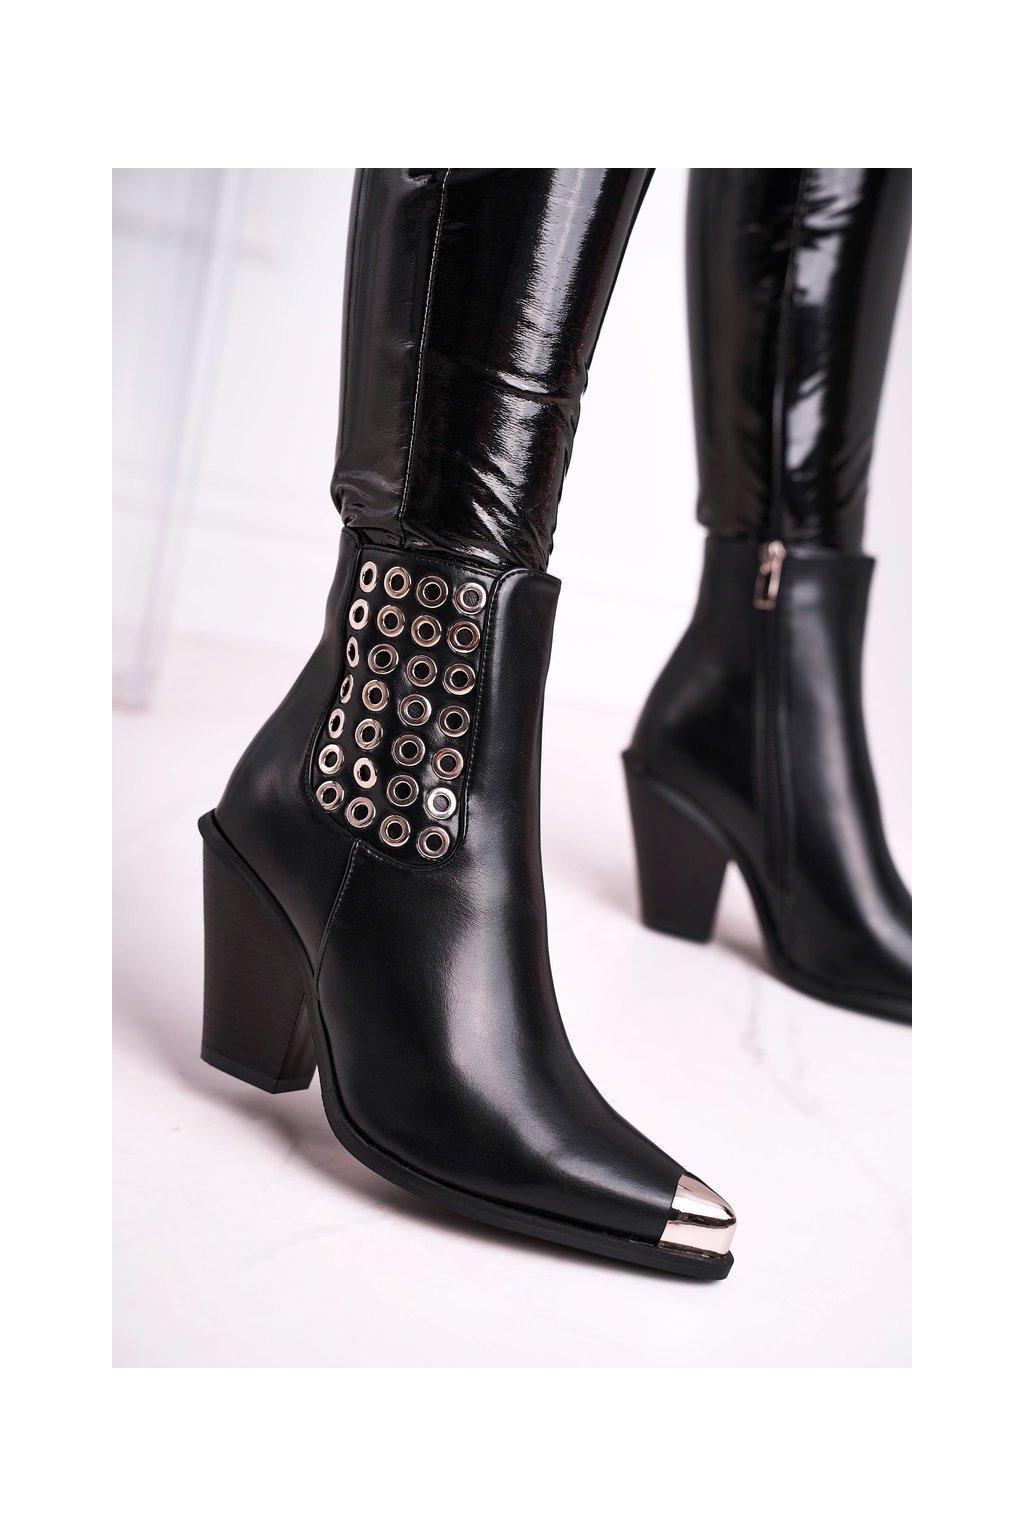 Členkové topánky na podpätku farba čierna kód obuvi C-151 BLK